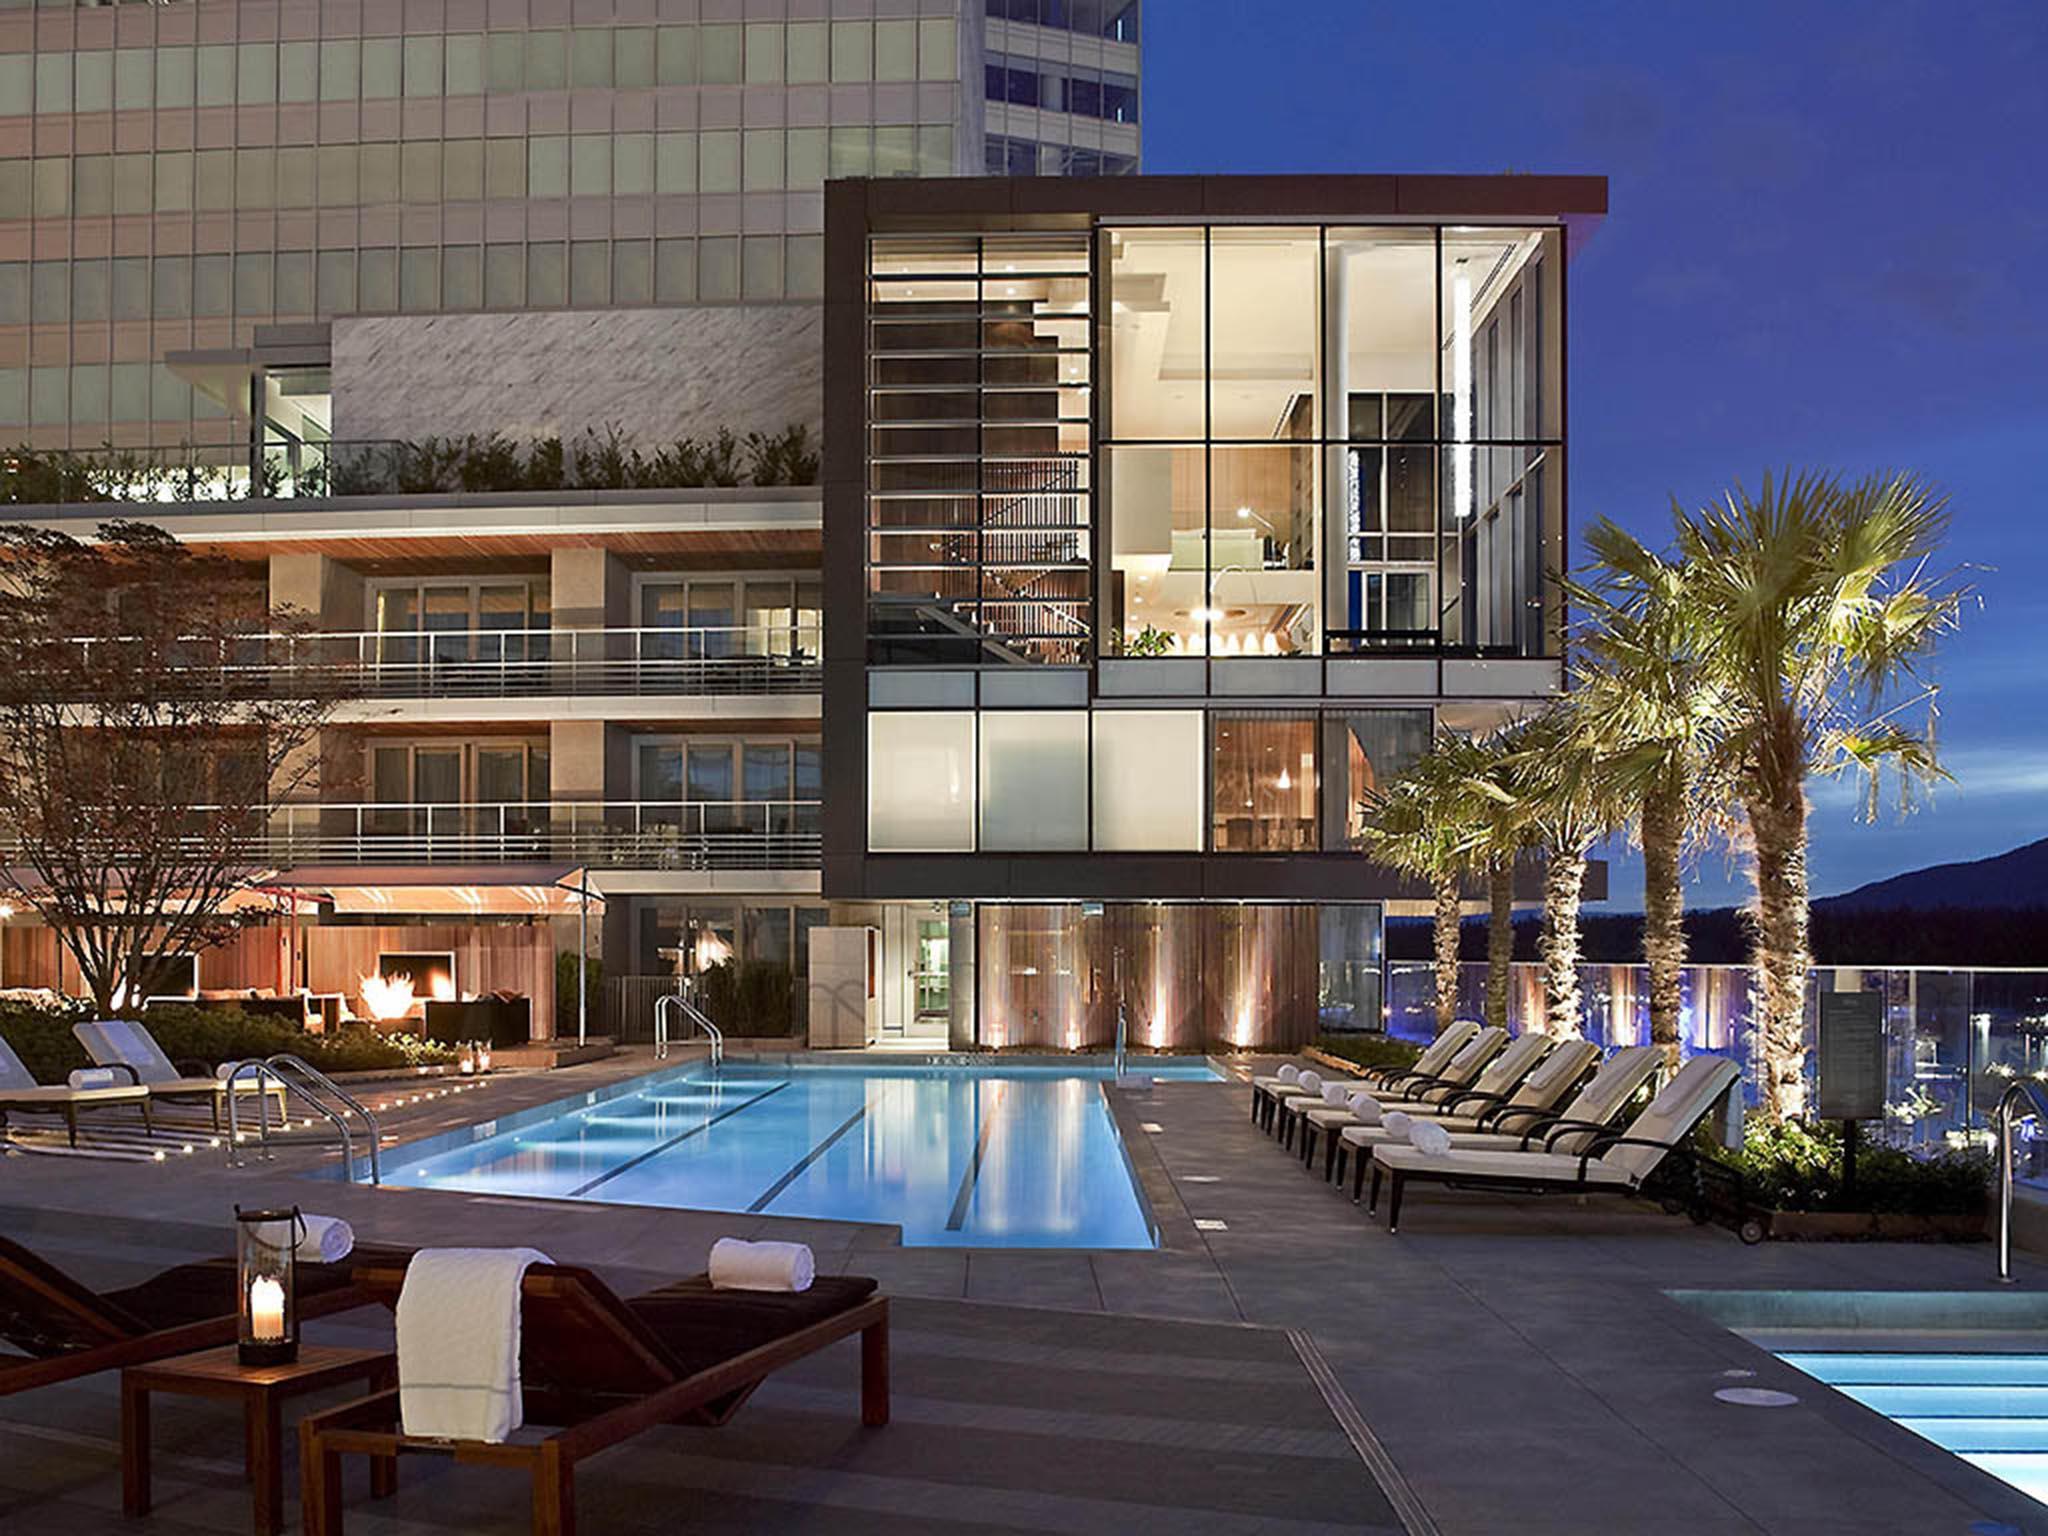 酒店 – Fairmont Pacific Rim 酒店